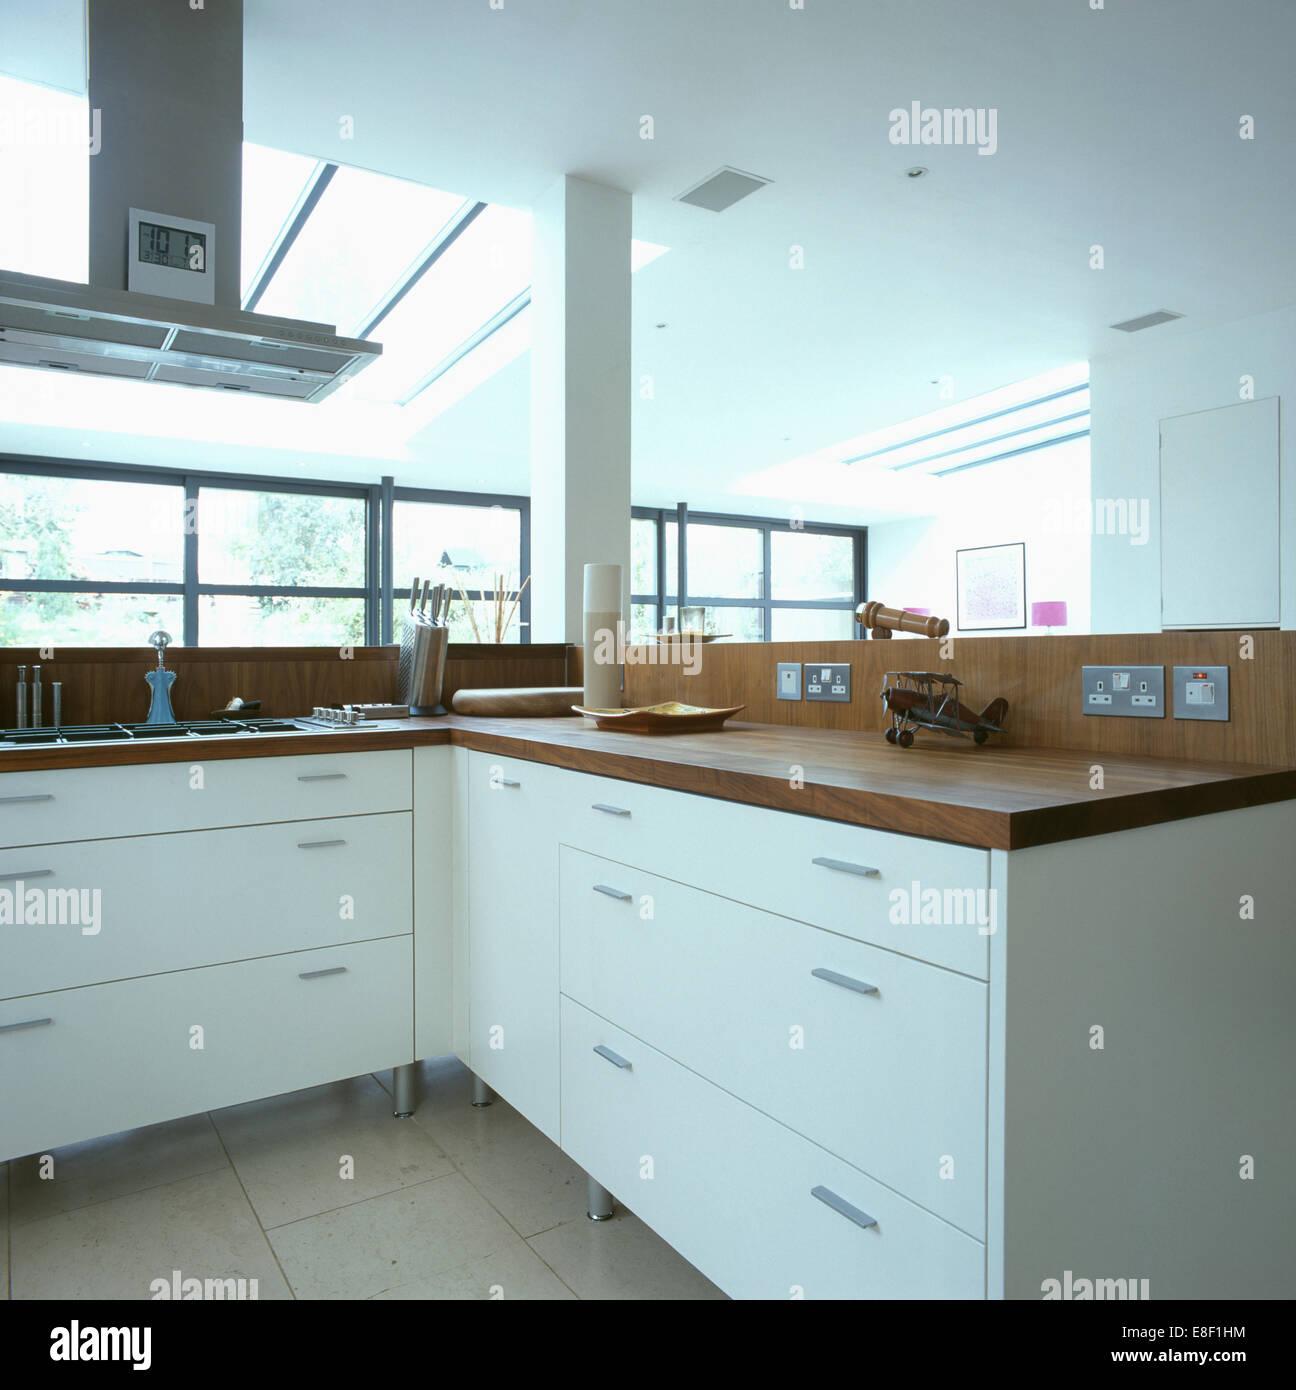 Große Abzugshaube über Dem Kochfeld In Ausgestattete Einheit Mit Dunklem  Holz Arbeitsplatte In Modernen Städtischen Küche